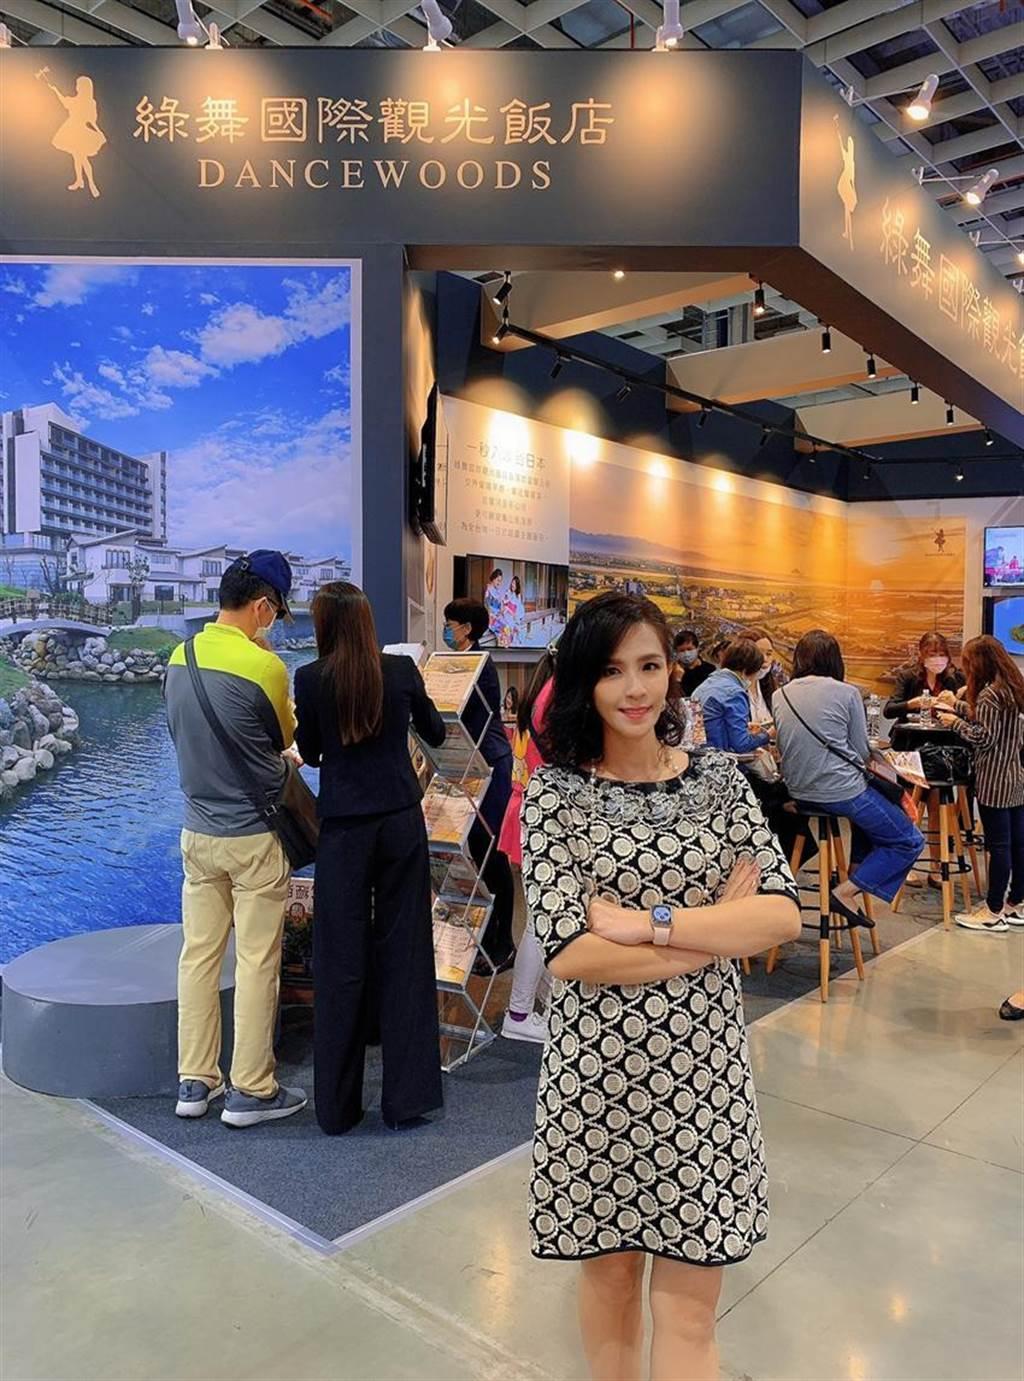 綠舞飯店美麗的董事長藍心瑩在台北國際旅展現場親自督軍。(張佩芬攝)